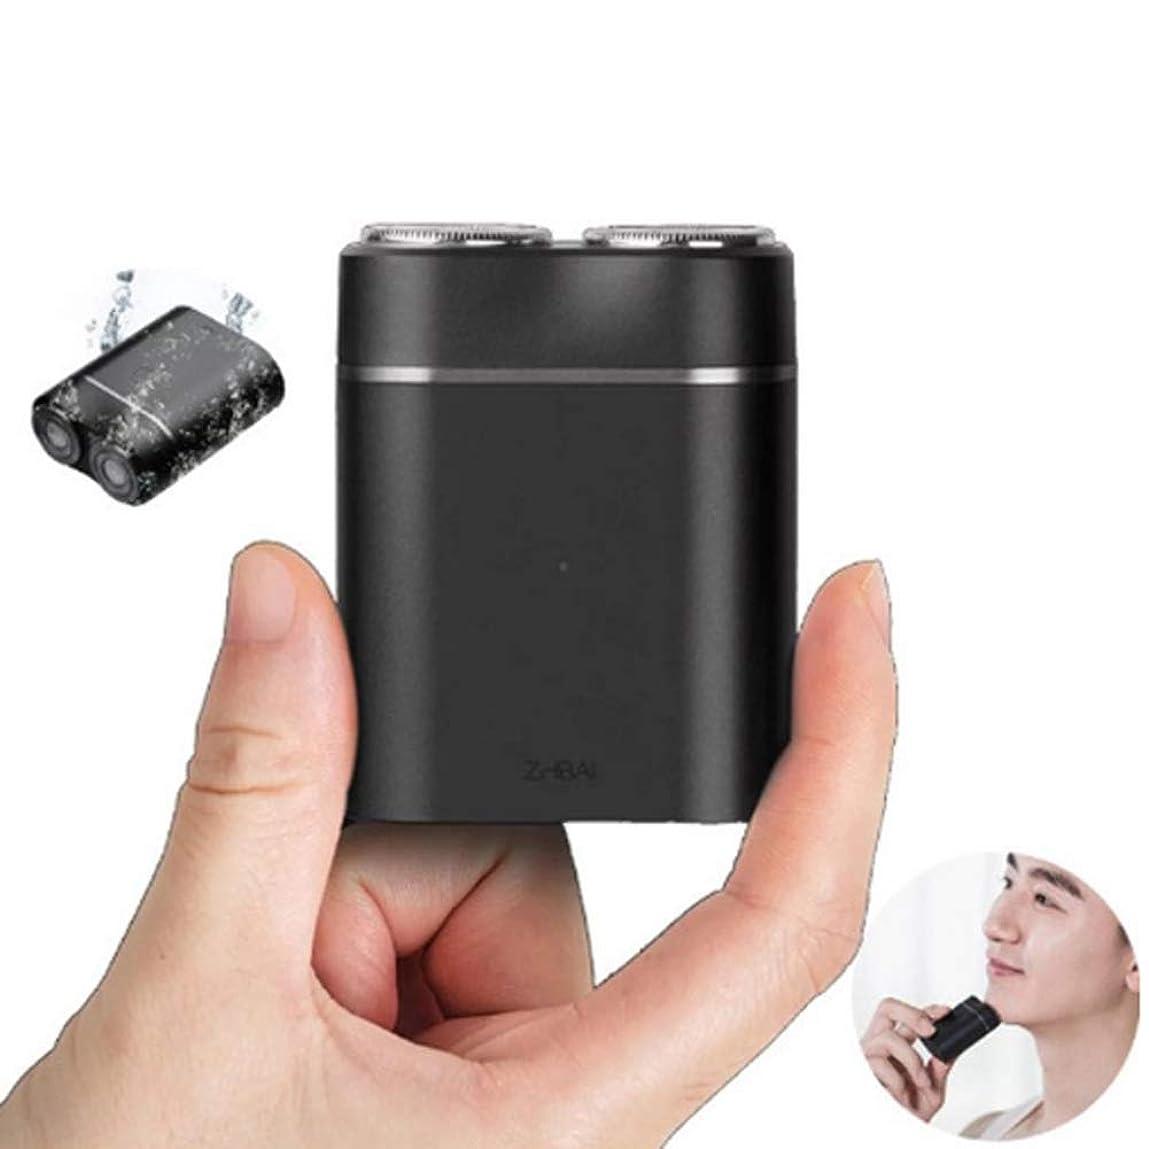 凝視どれ高度なミニメン電気シェーバー、USBポータブルコードレスドライウェットトラベルカミソリ、ブラック